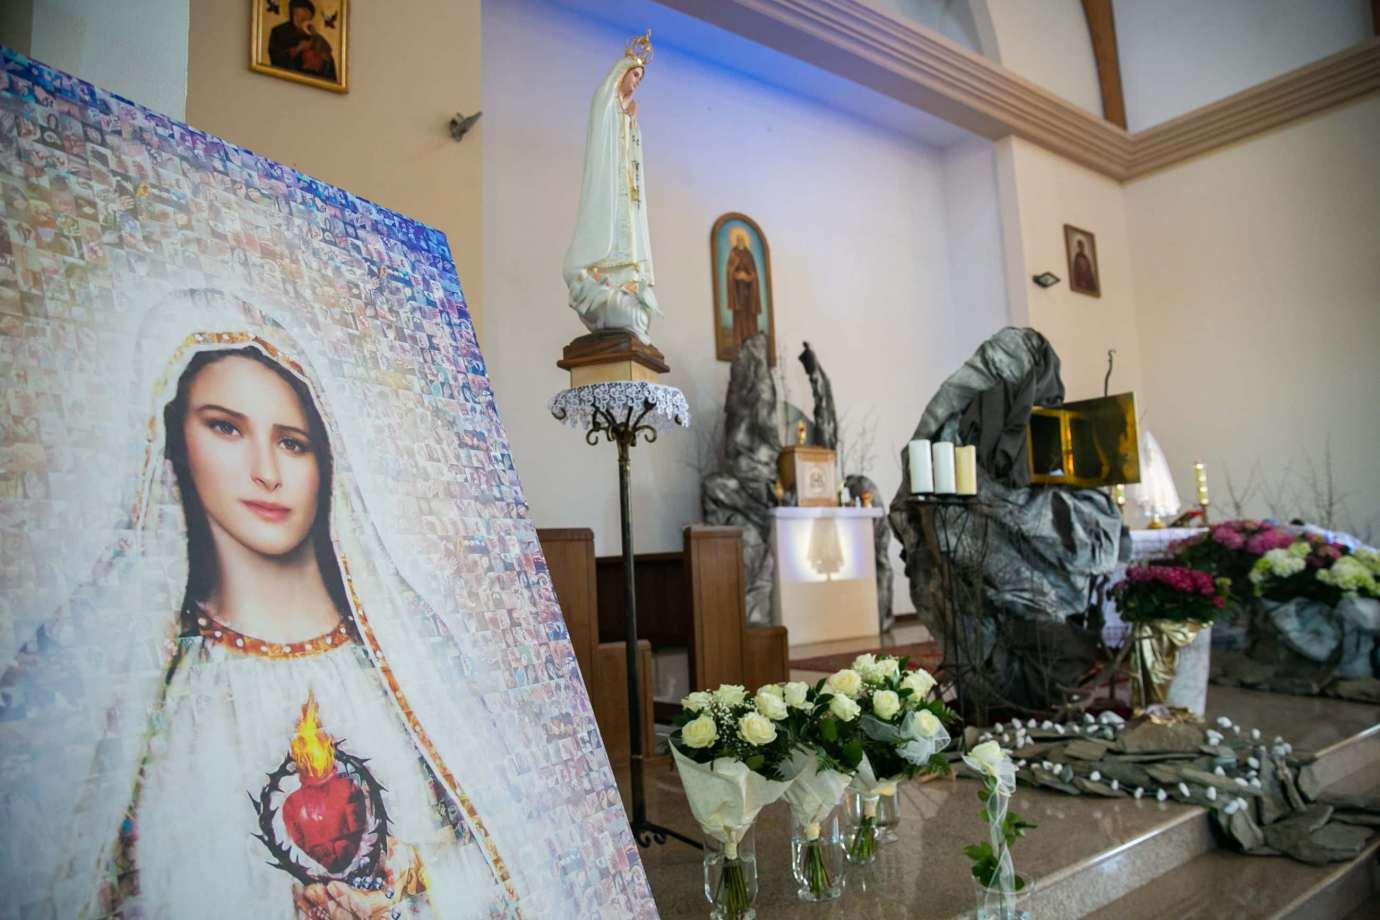 parafia pw swietego brata alberta w zamosciu 10 Zdjęcia grobów pańskich w zamojskich świątyniach